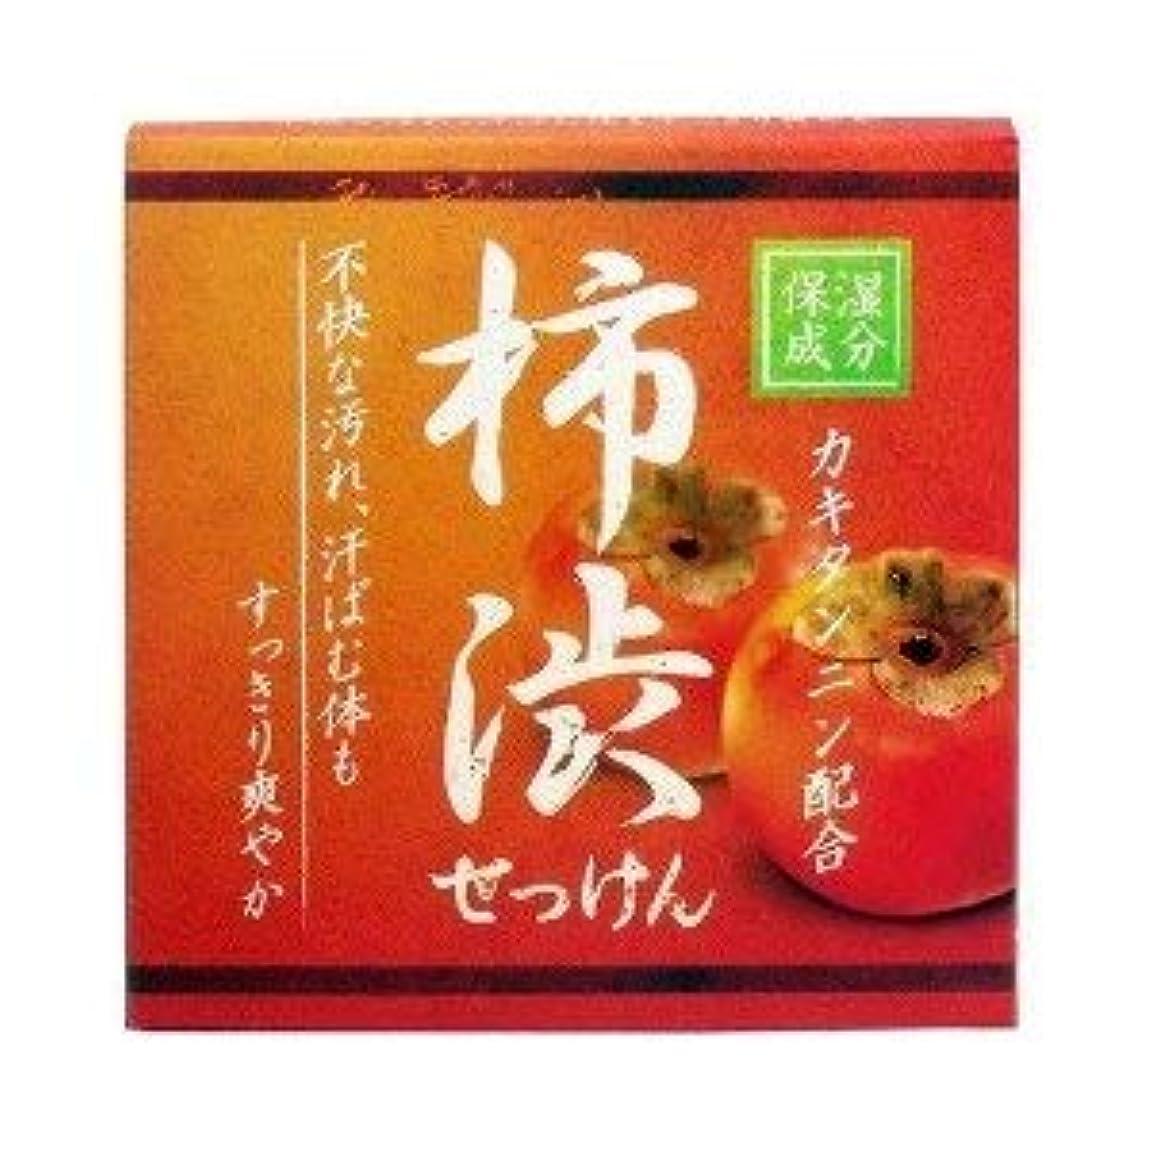 ドライゆでるボトルネック柿渋配合せっけん カキタンニン配合保湿成分 80g×2 2個1セット 石鹸